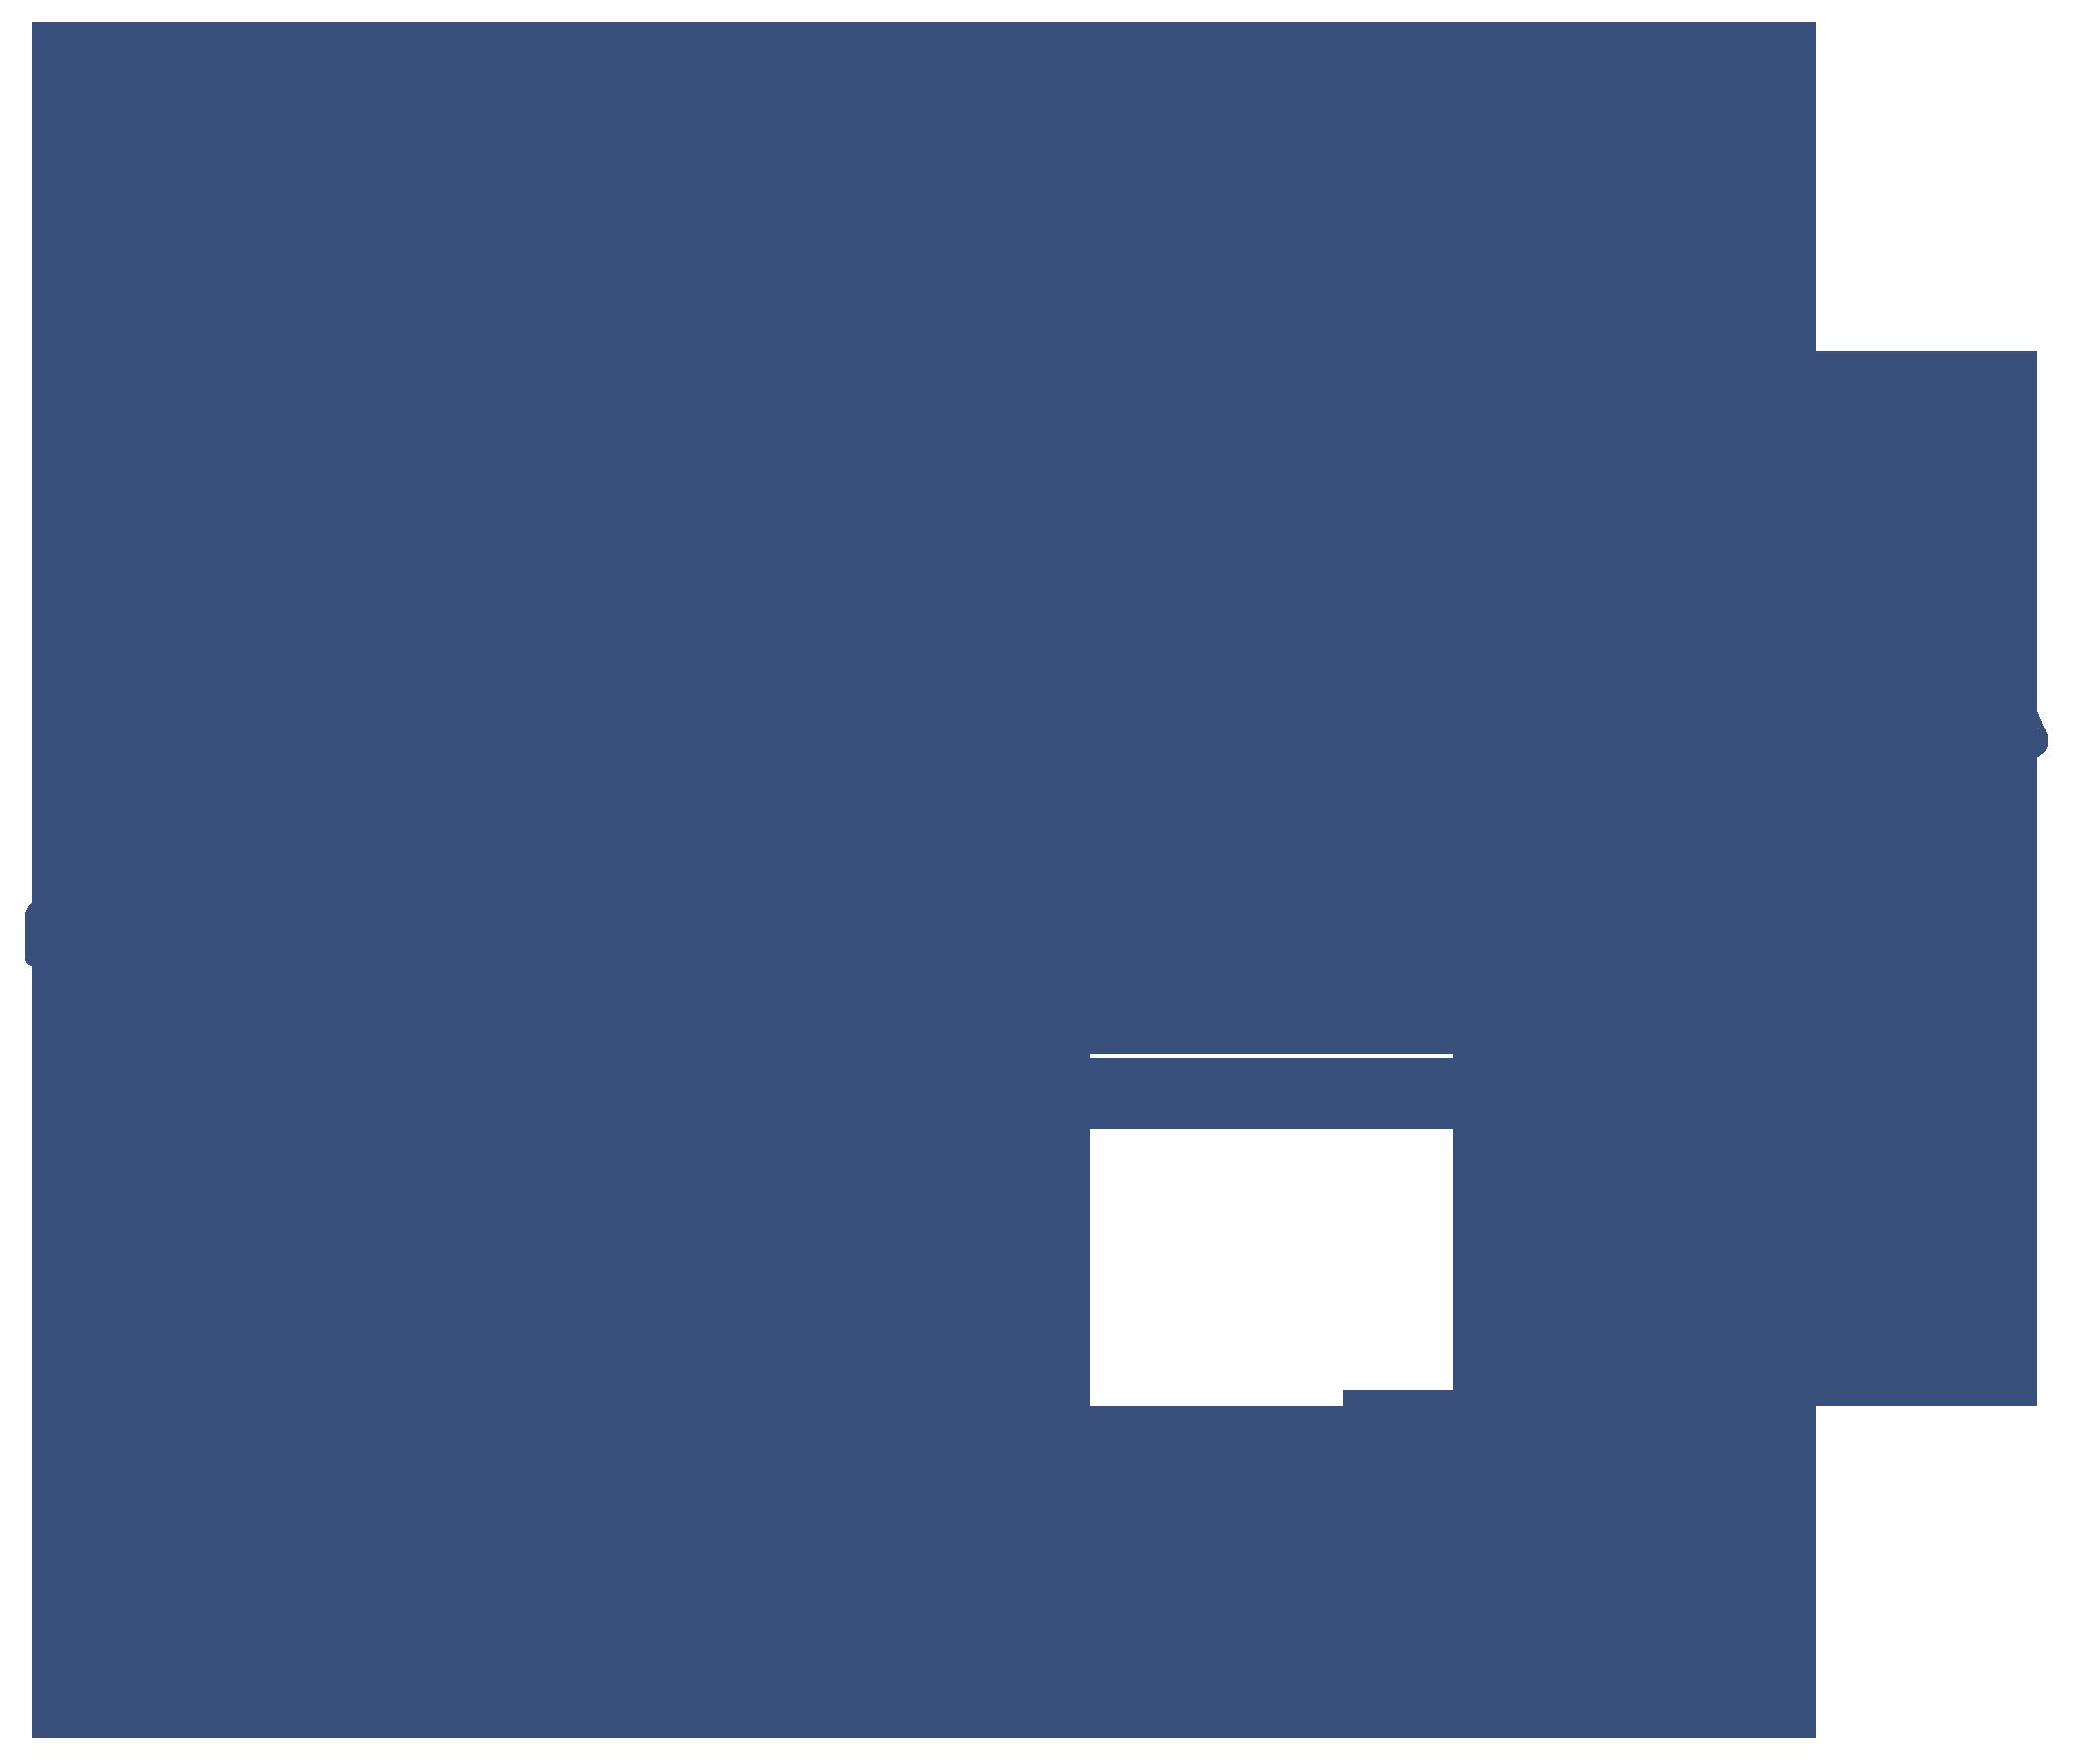 LFP Refreshed Circle Logo.png